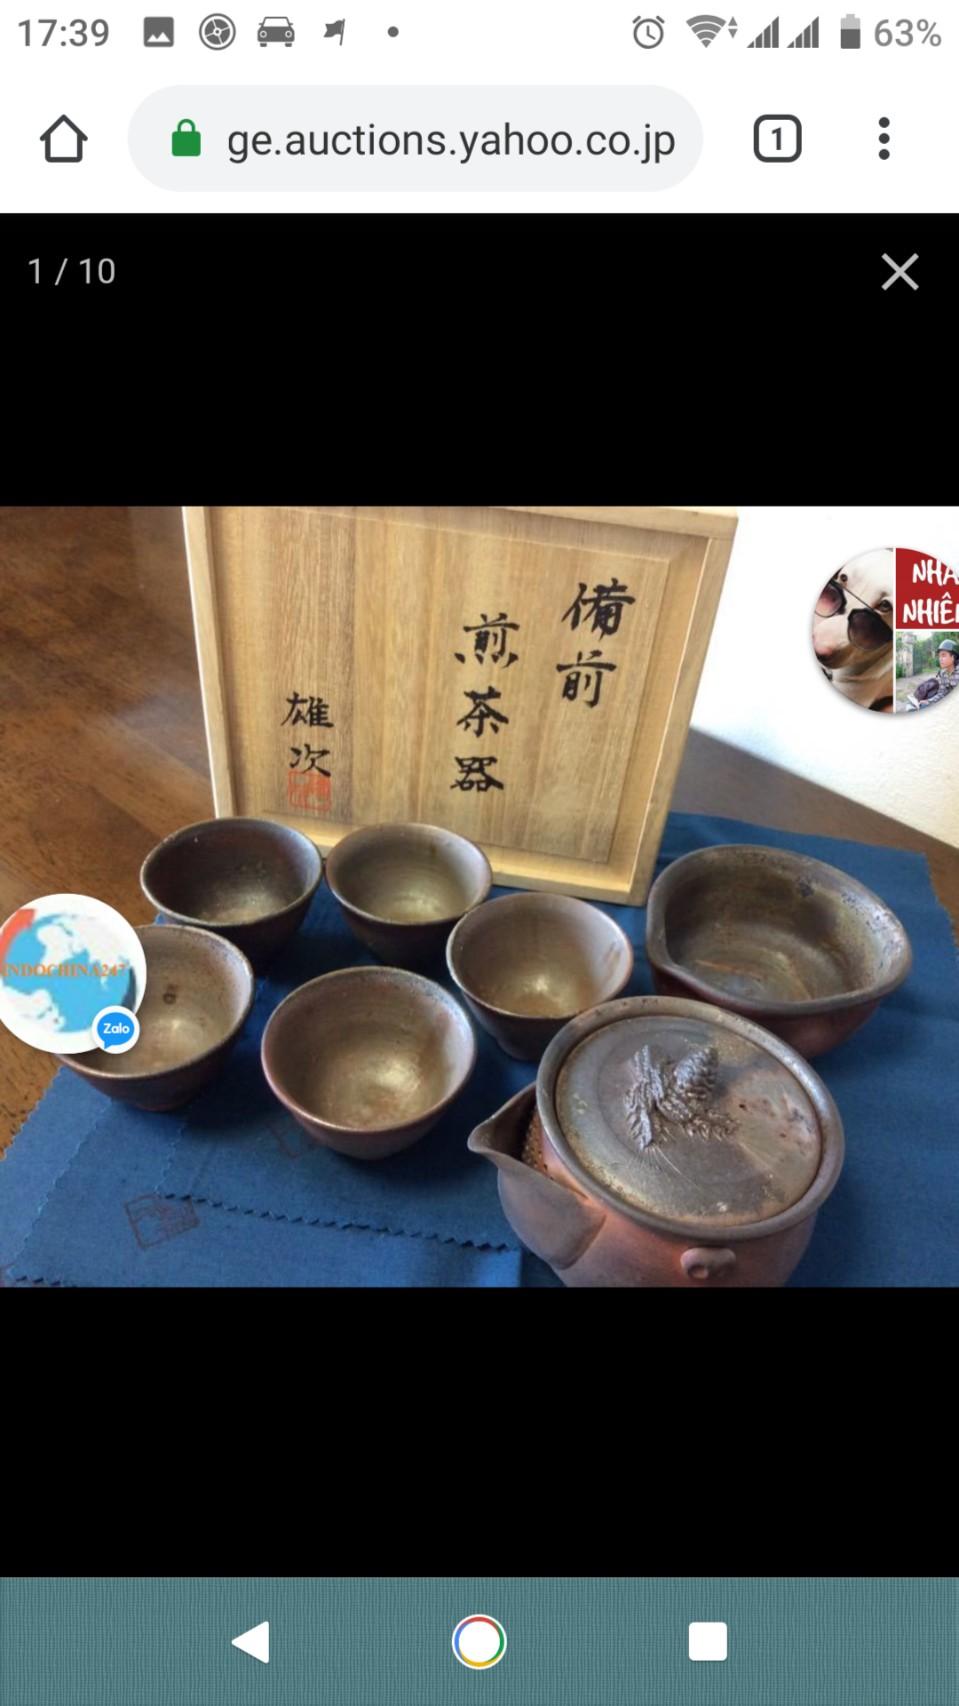 Dịch vụ vận chuyển đồ gốm sứ trưng bày từ Nhật về Việt Nam